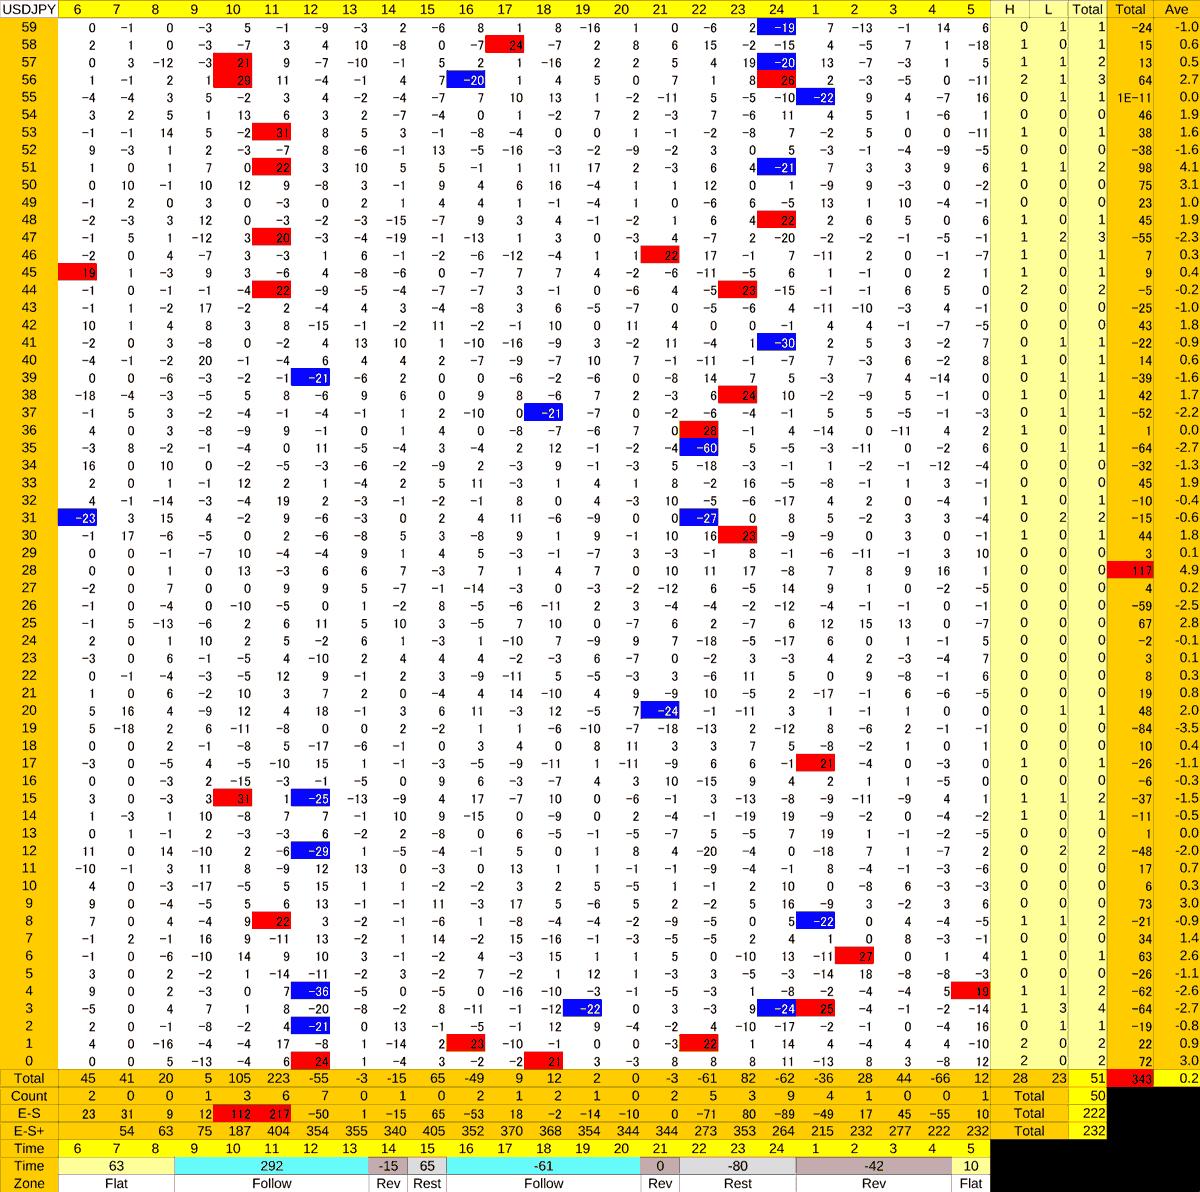 20210119_HS(1)USDJPY